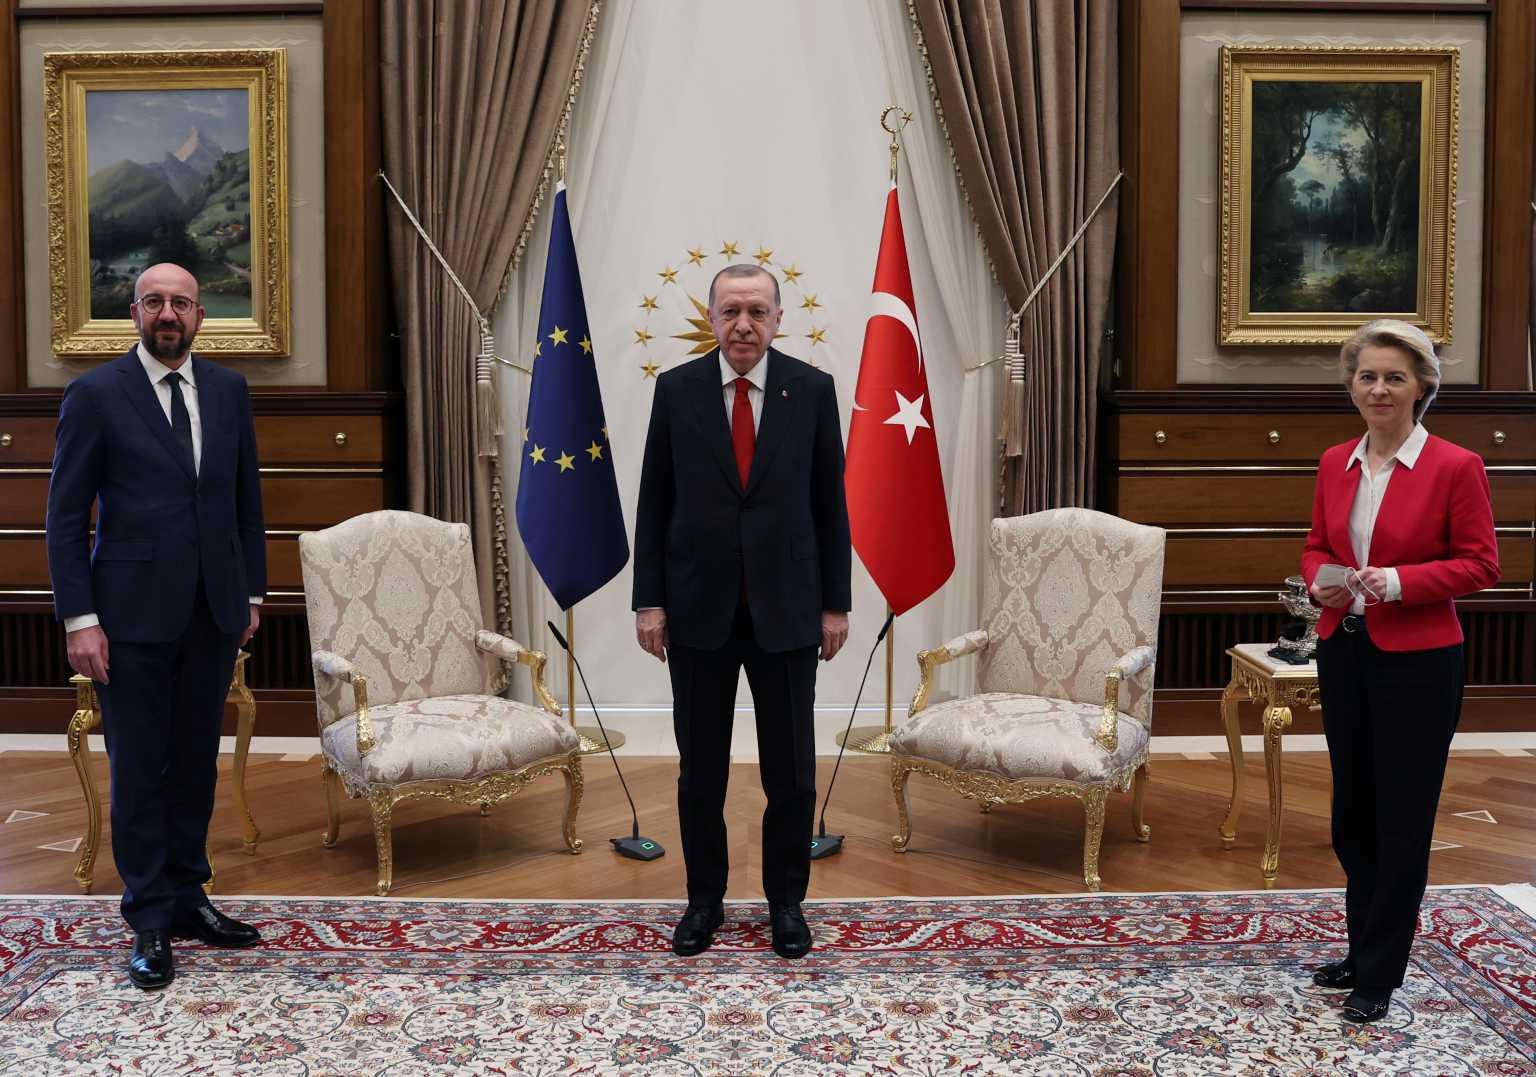 Ερντογάν και Μισέλ άφησαν «παγωτό» την φον ντερ Λάιεν μέσα στο Προεδρικό Μέγαρο της Τουρκίας (video)